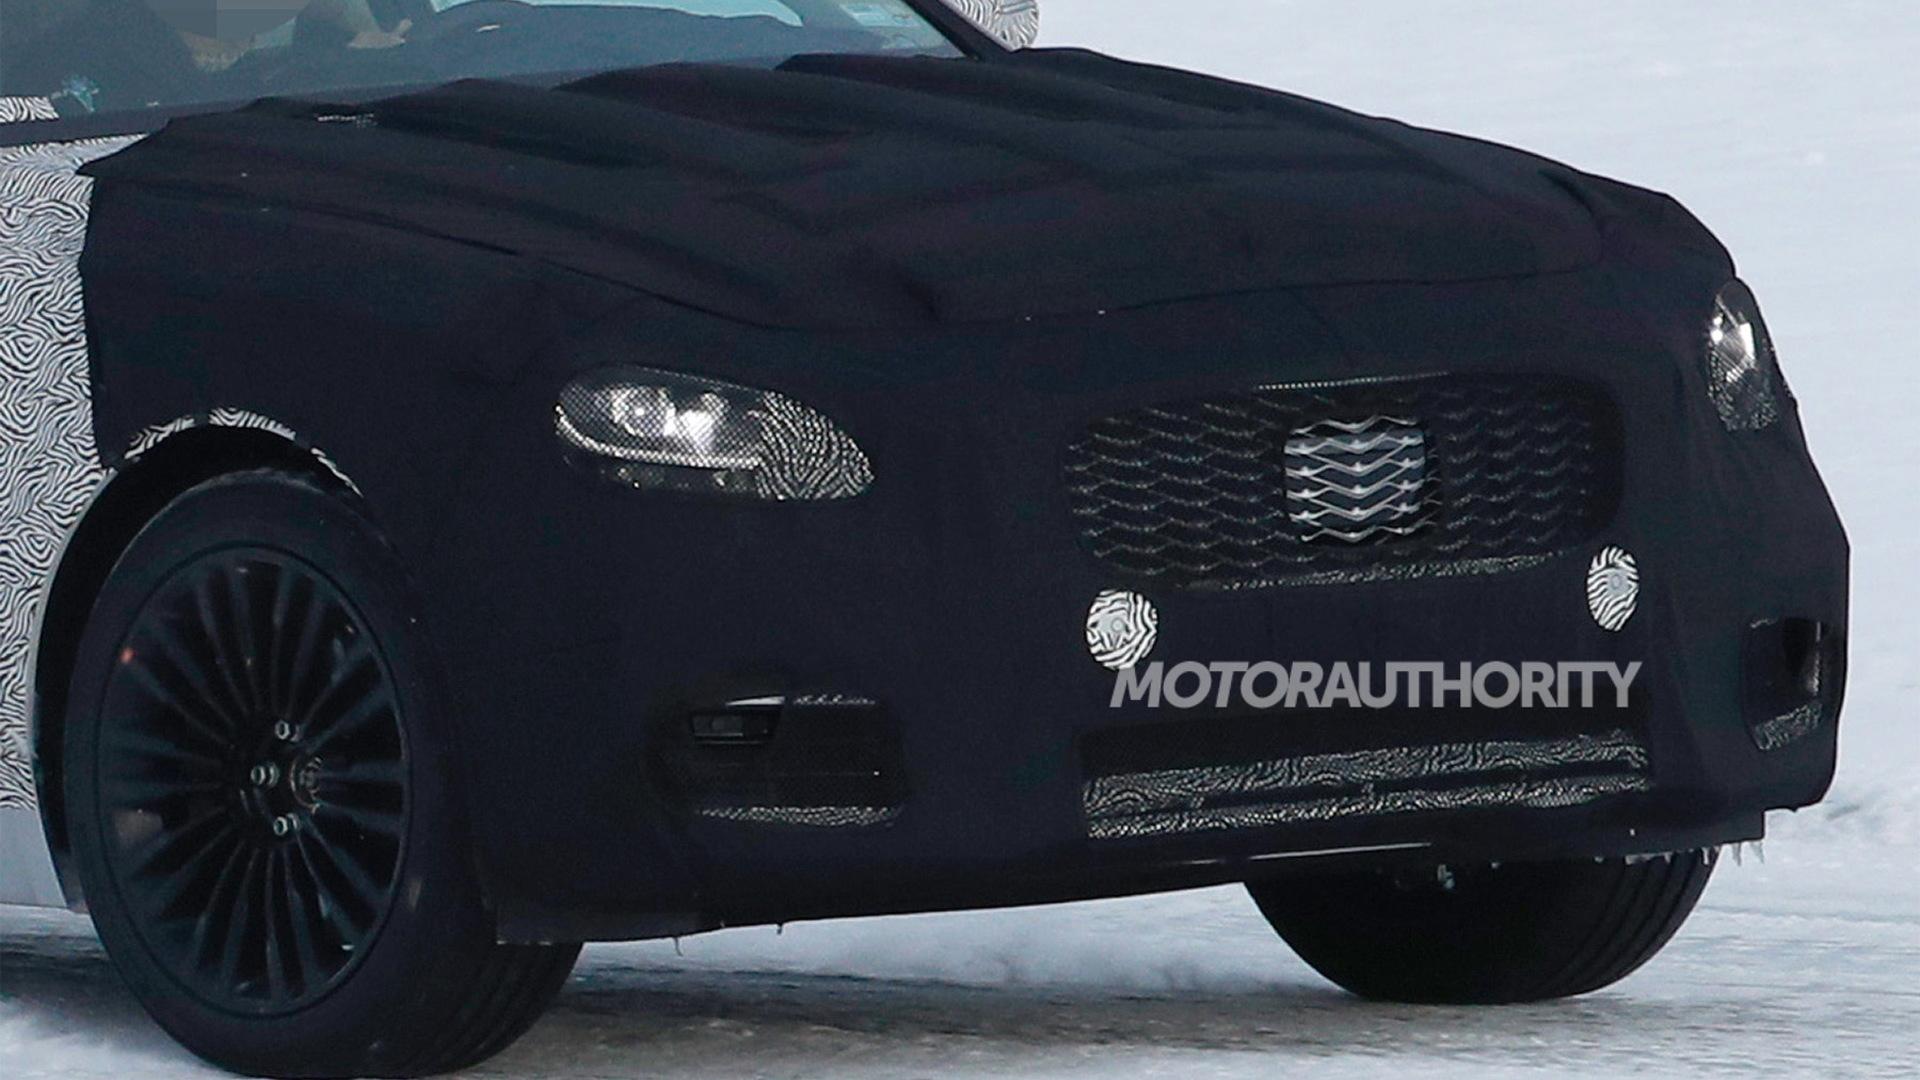 2019 Kia K900 spy shots - Image via S. Baldauf/SB-Medien